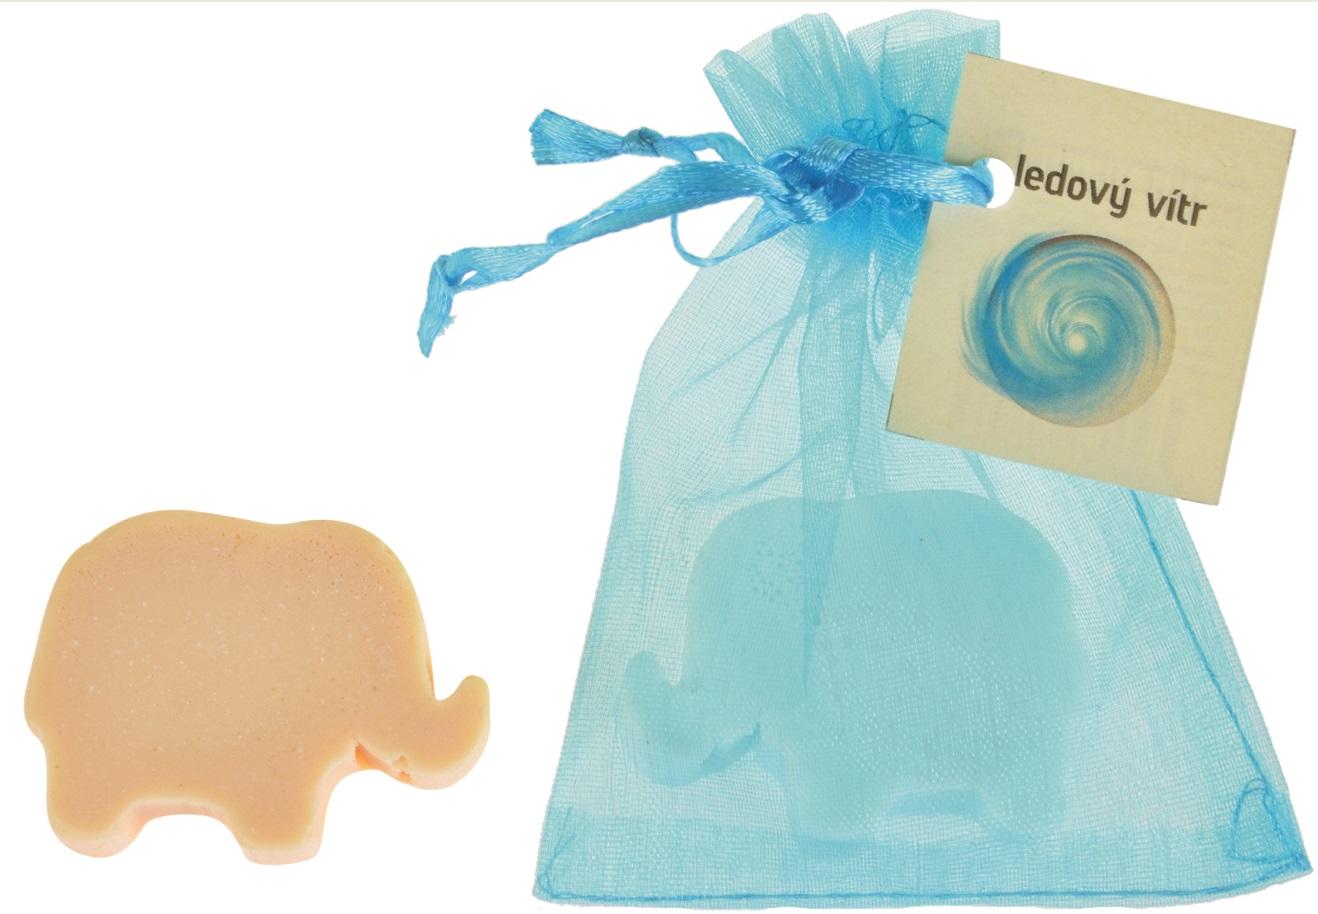 Mýdlo vonné glycerínové slon ledový vítr, 20 g